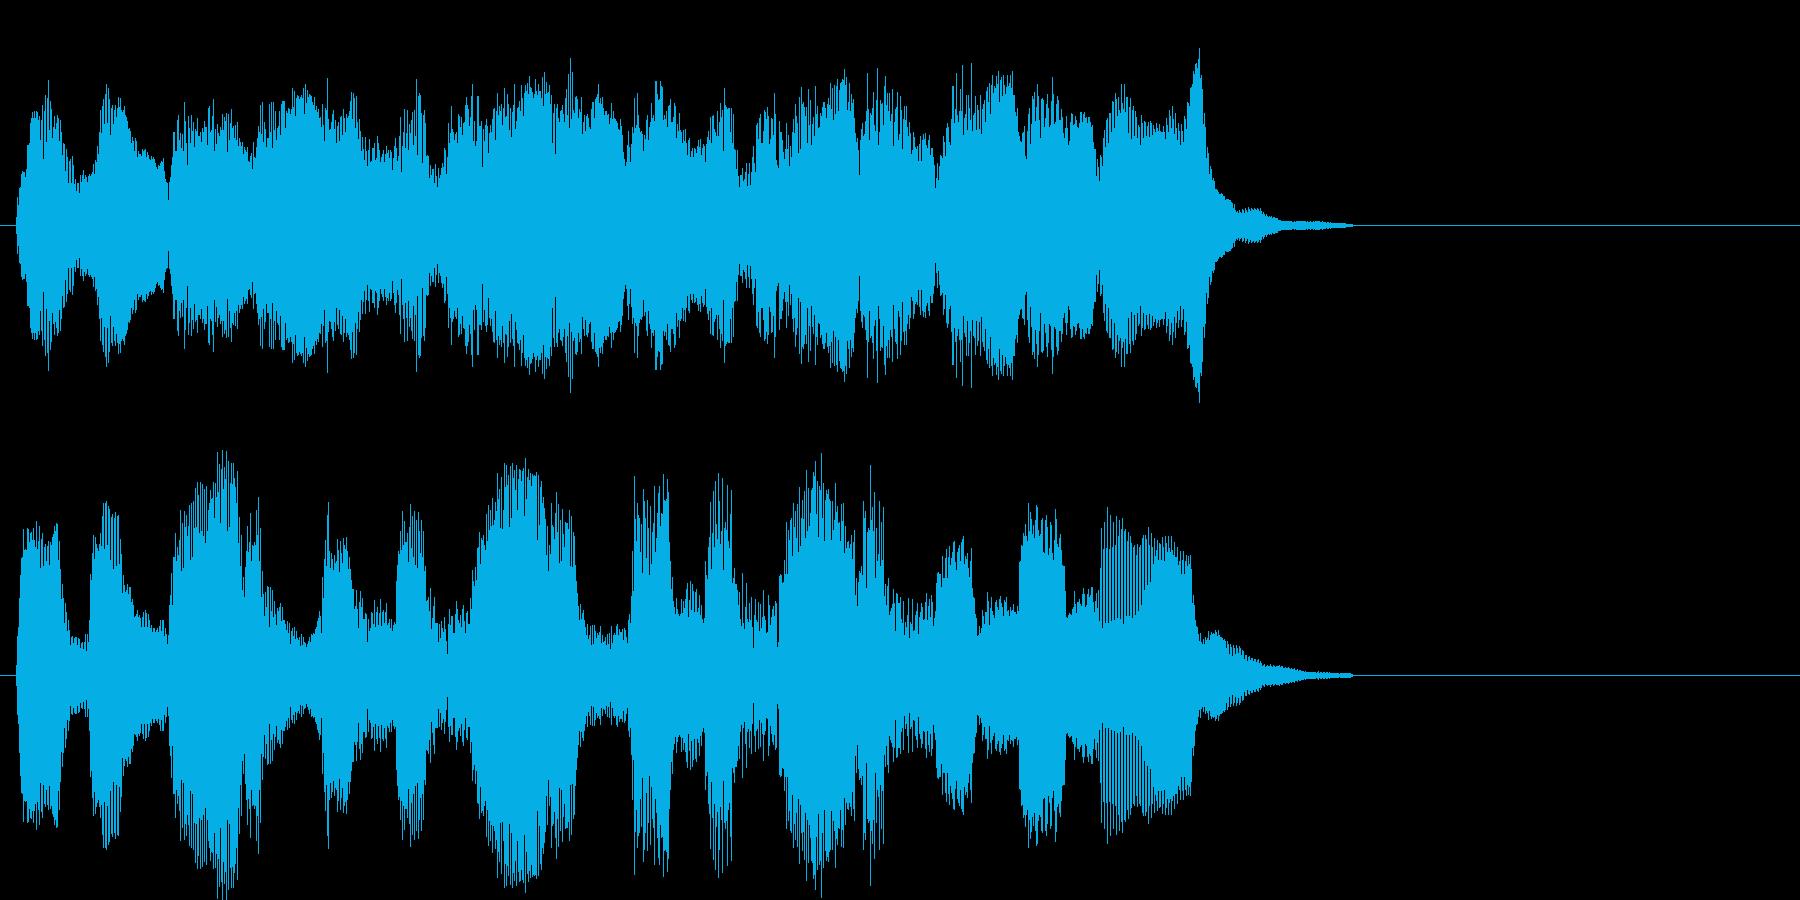 牧歌的で落ち着くパイプオルガン曲の再生済みの波形